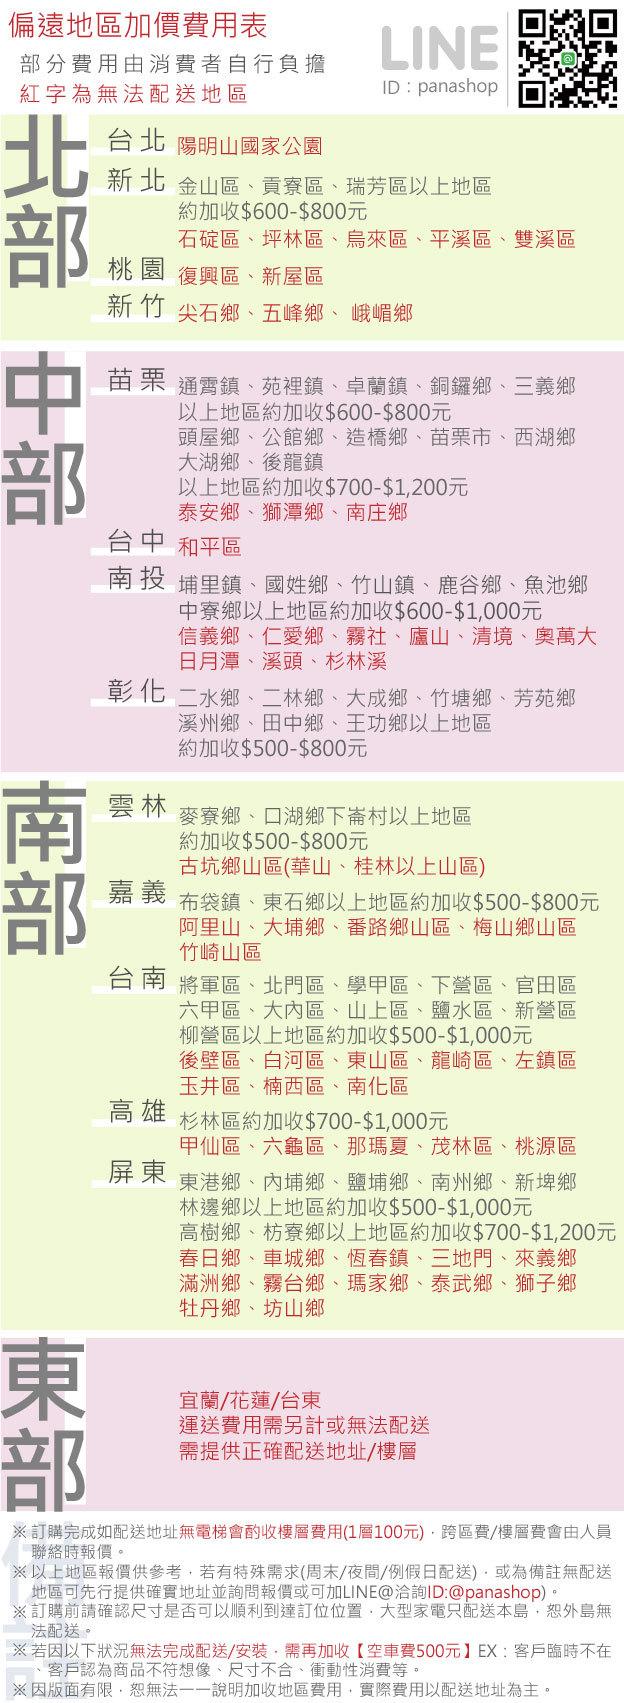 LG 樂金 WT-D200HW 洗衣機 2.0kg MiniWash 迷你洗衣機 (加熱洗衣)